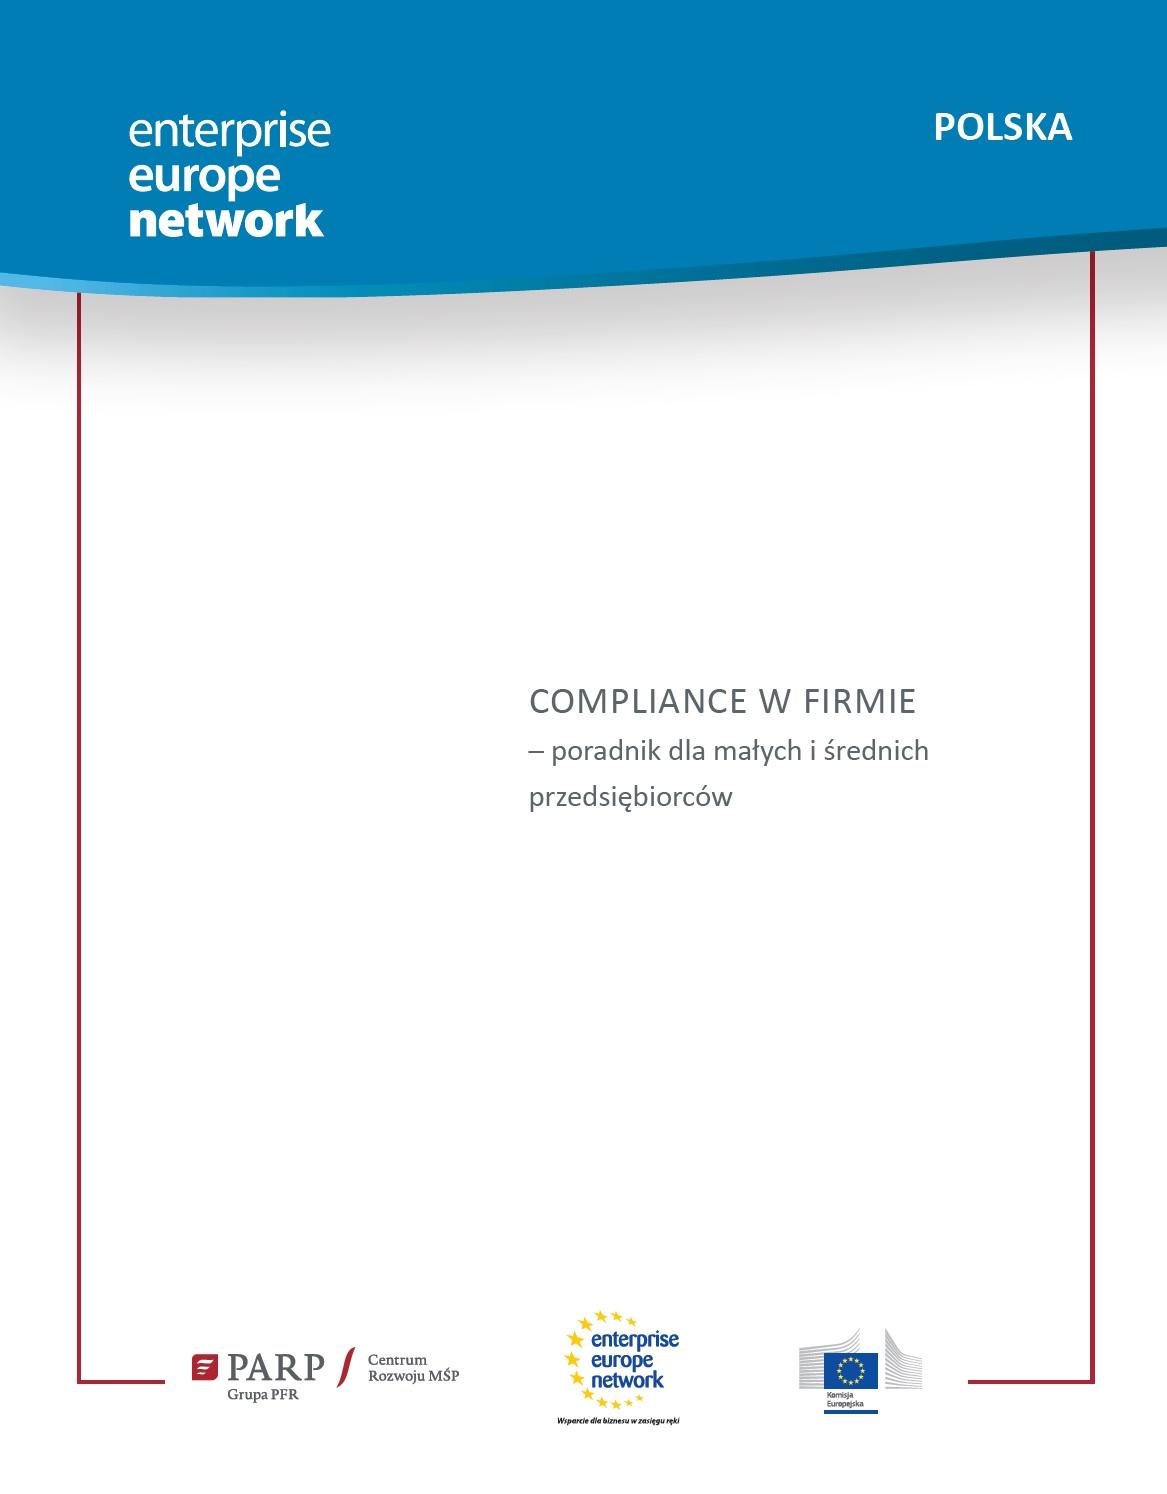 Compliance w firmie – poradnik dla małych i średnich przedsiębiorców